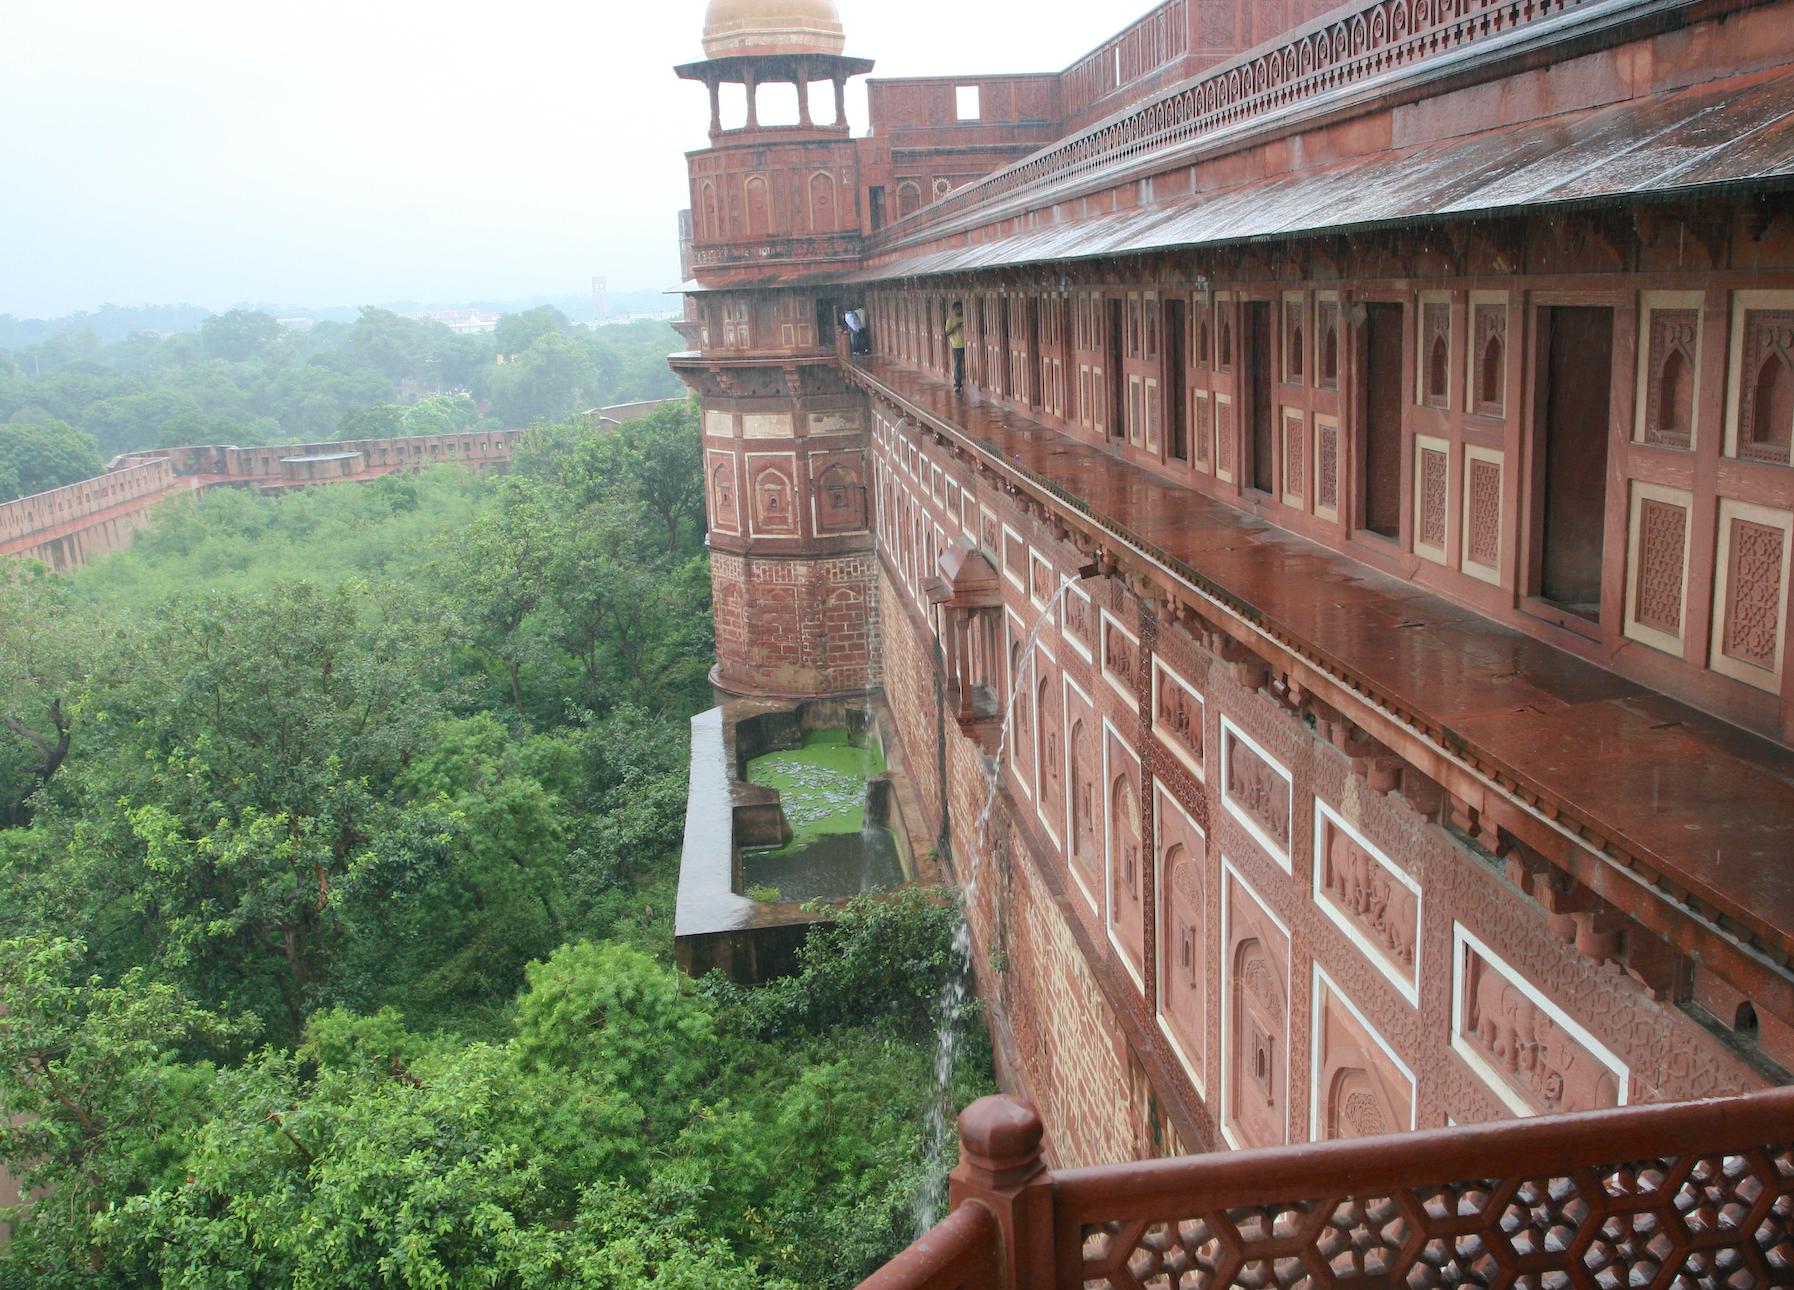 Agra Fort er 2,5 kilometer i omkrets og bygget i rød sandstein.